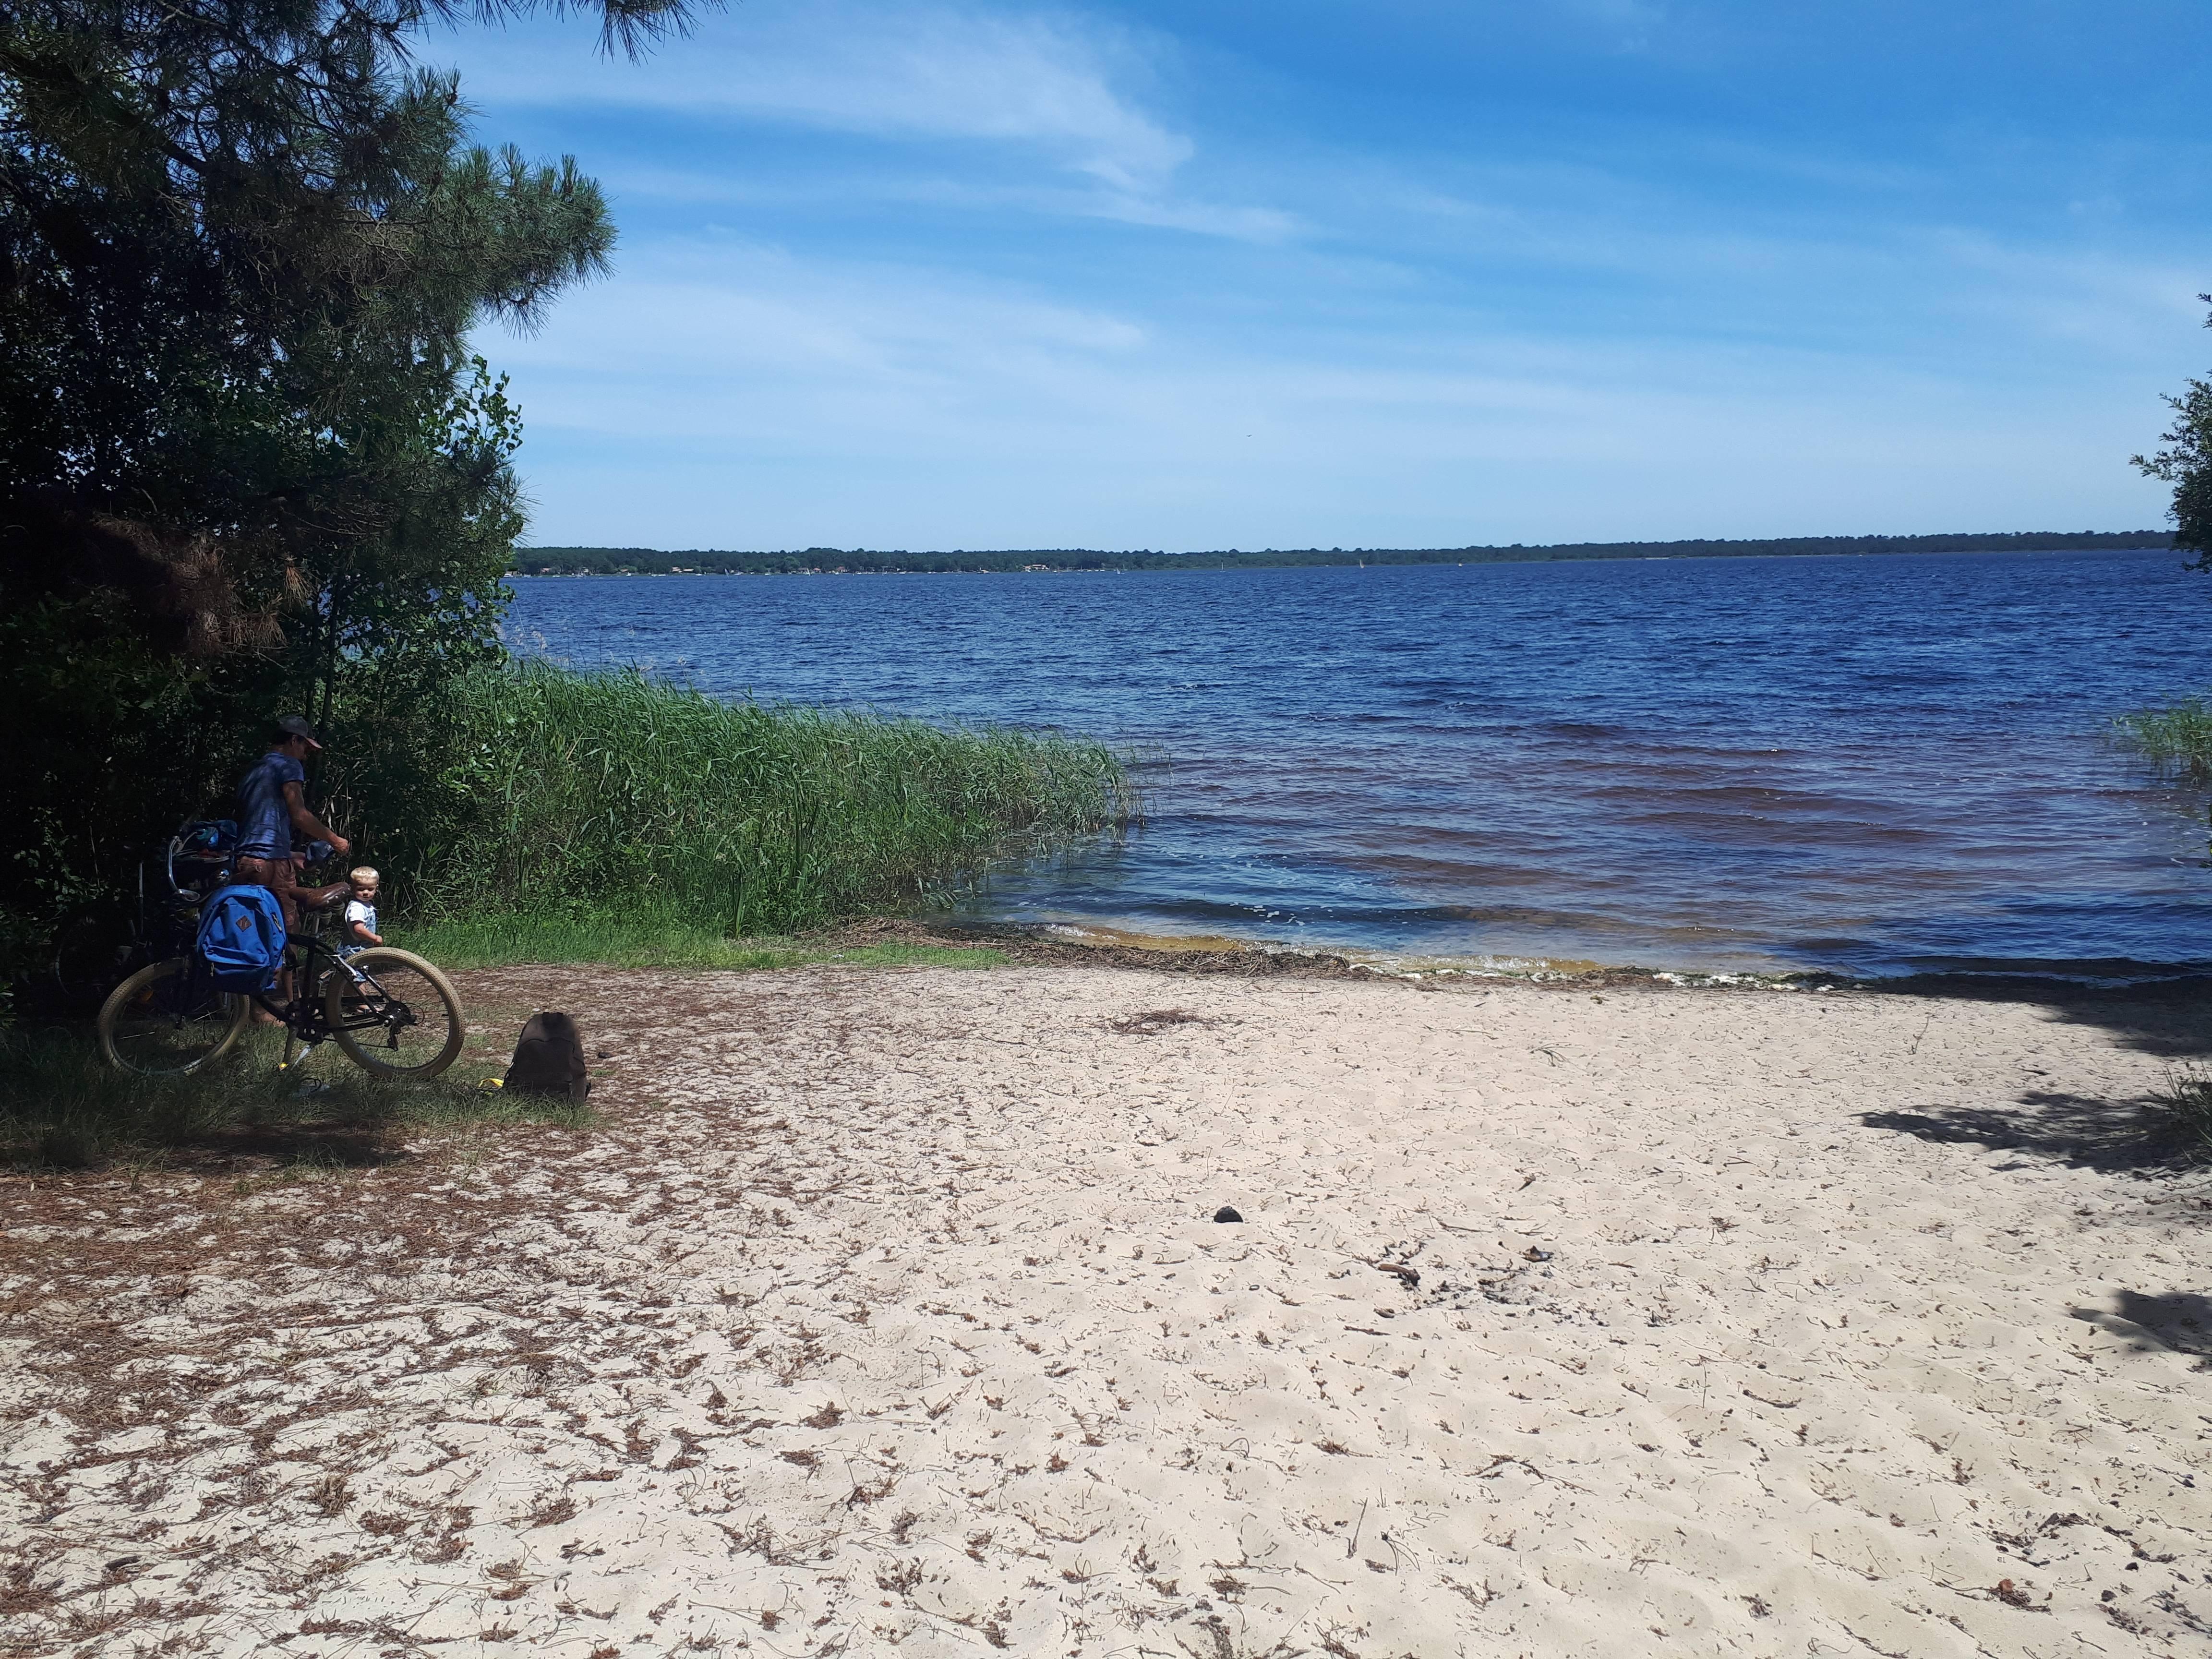 Photo 1: Réflexion au bord du lac